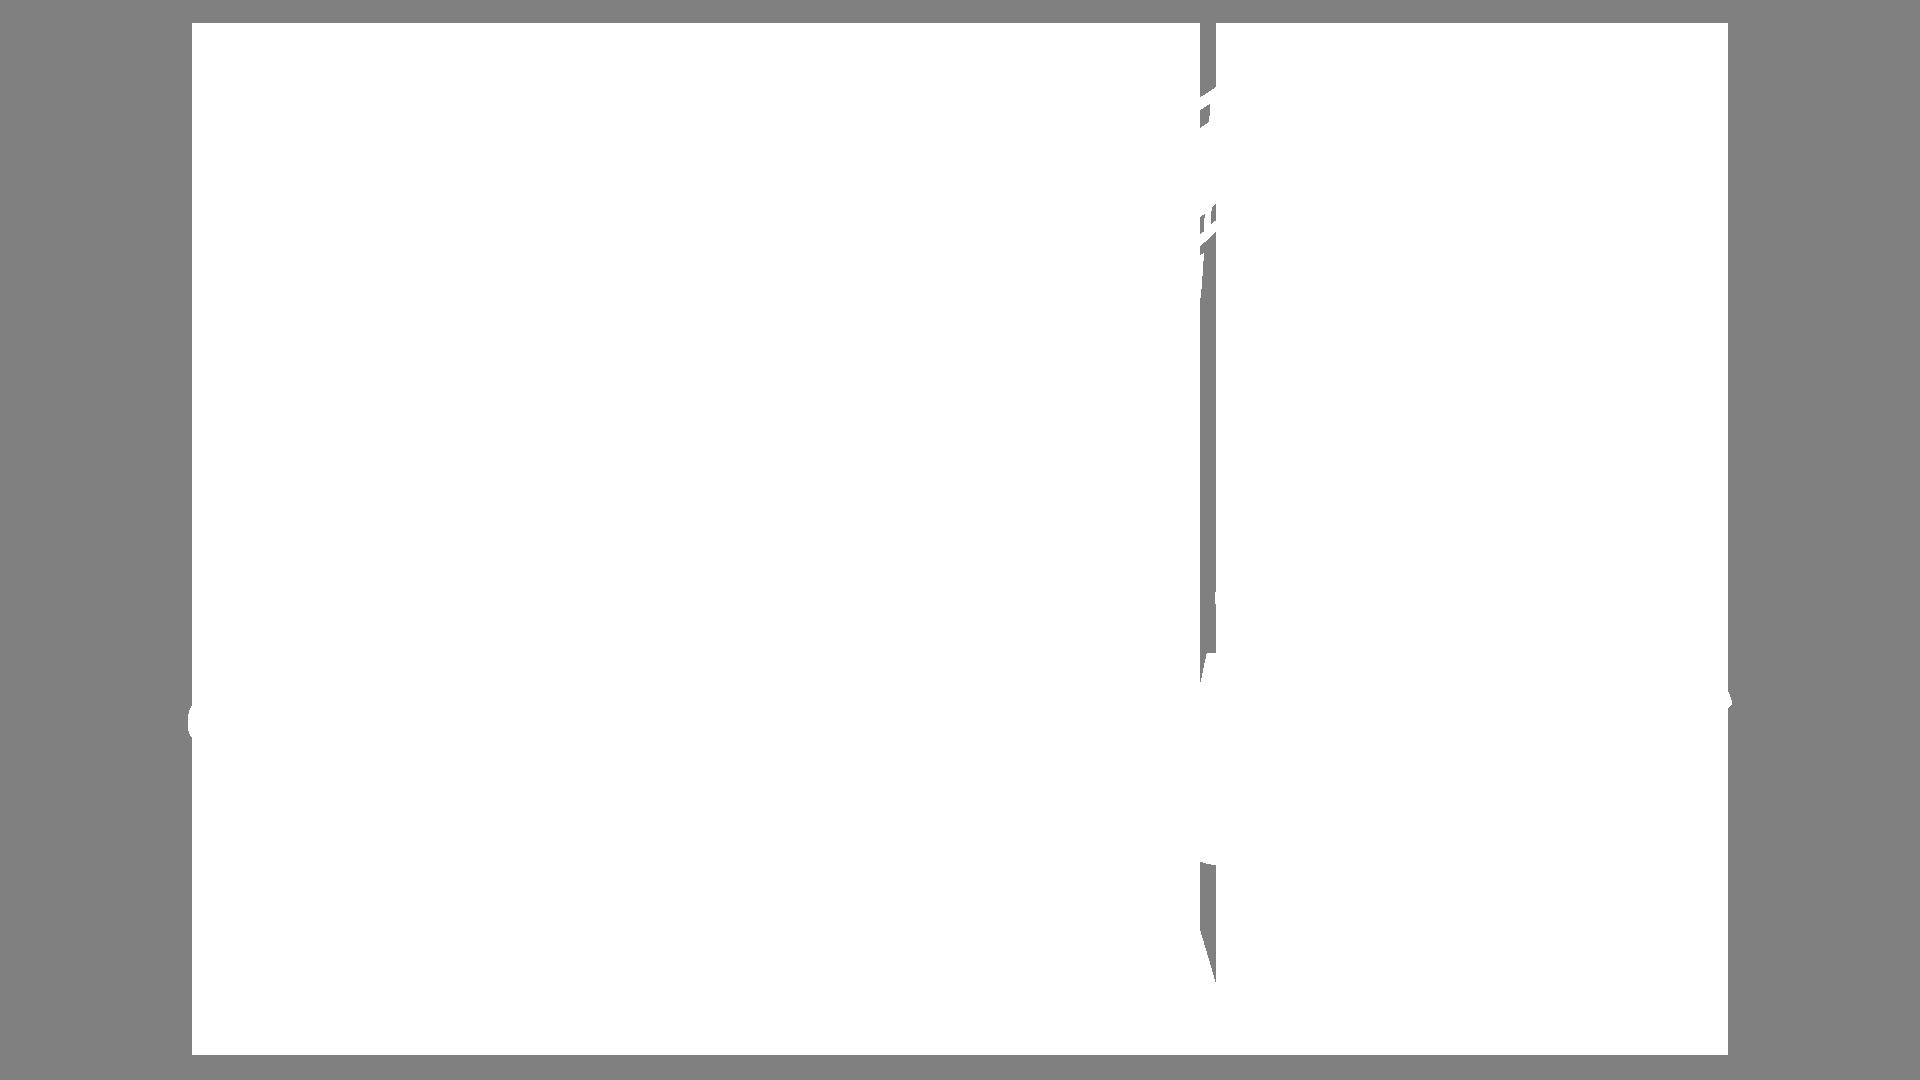 Autokino Kemnath